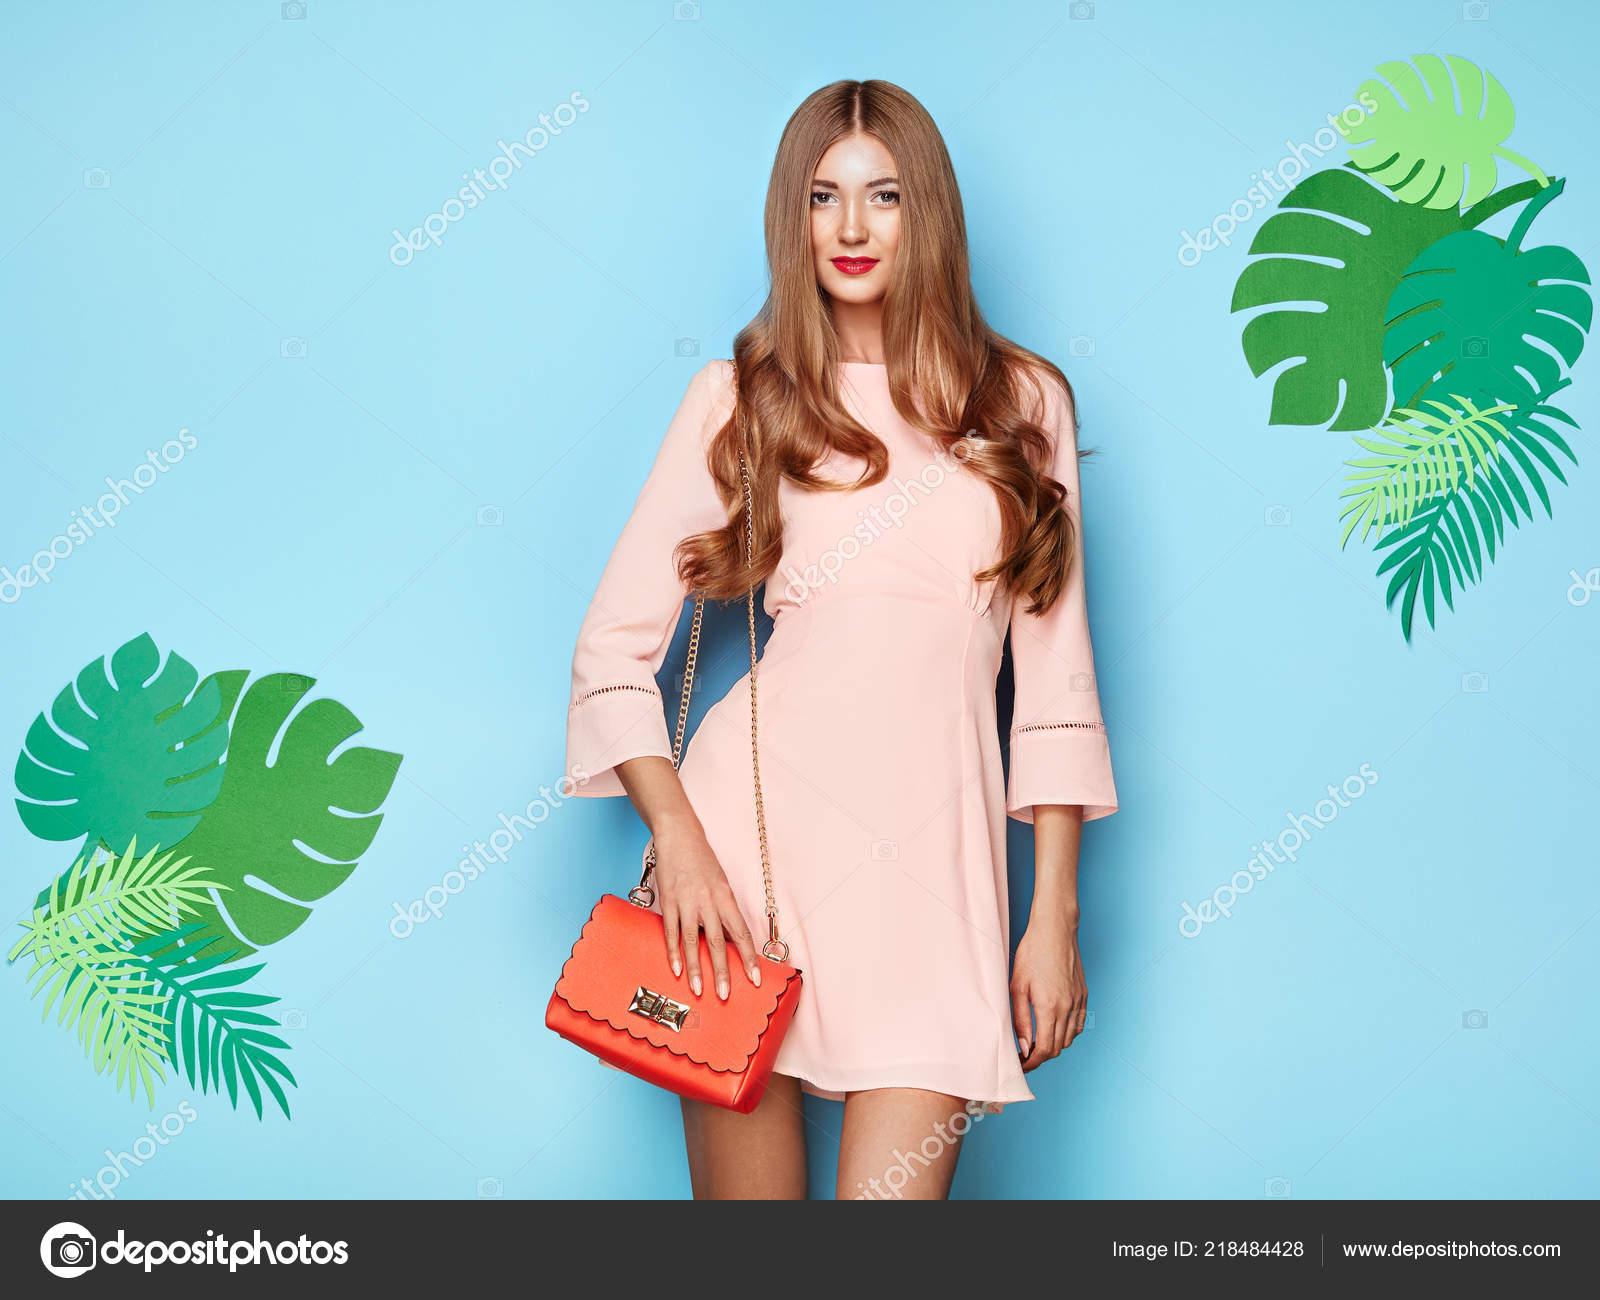 346e837b1308 Ritratto di giovane moda donna in abito rosa. Signora in abito estivo  elegante. Ragazza in posa su uno sfondo blu. Acconciatura alla moda.